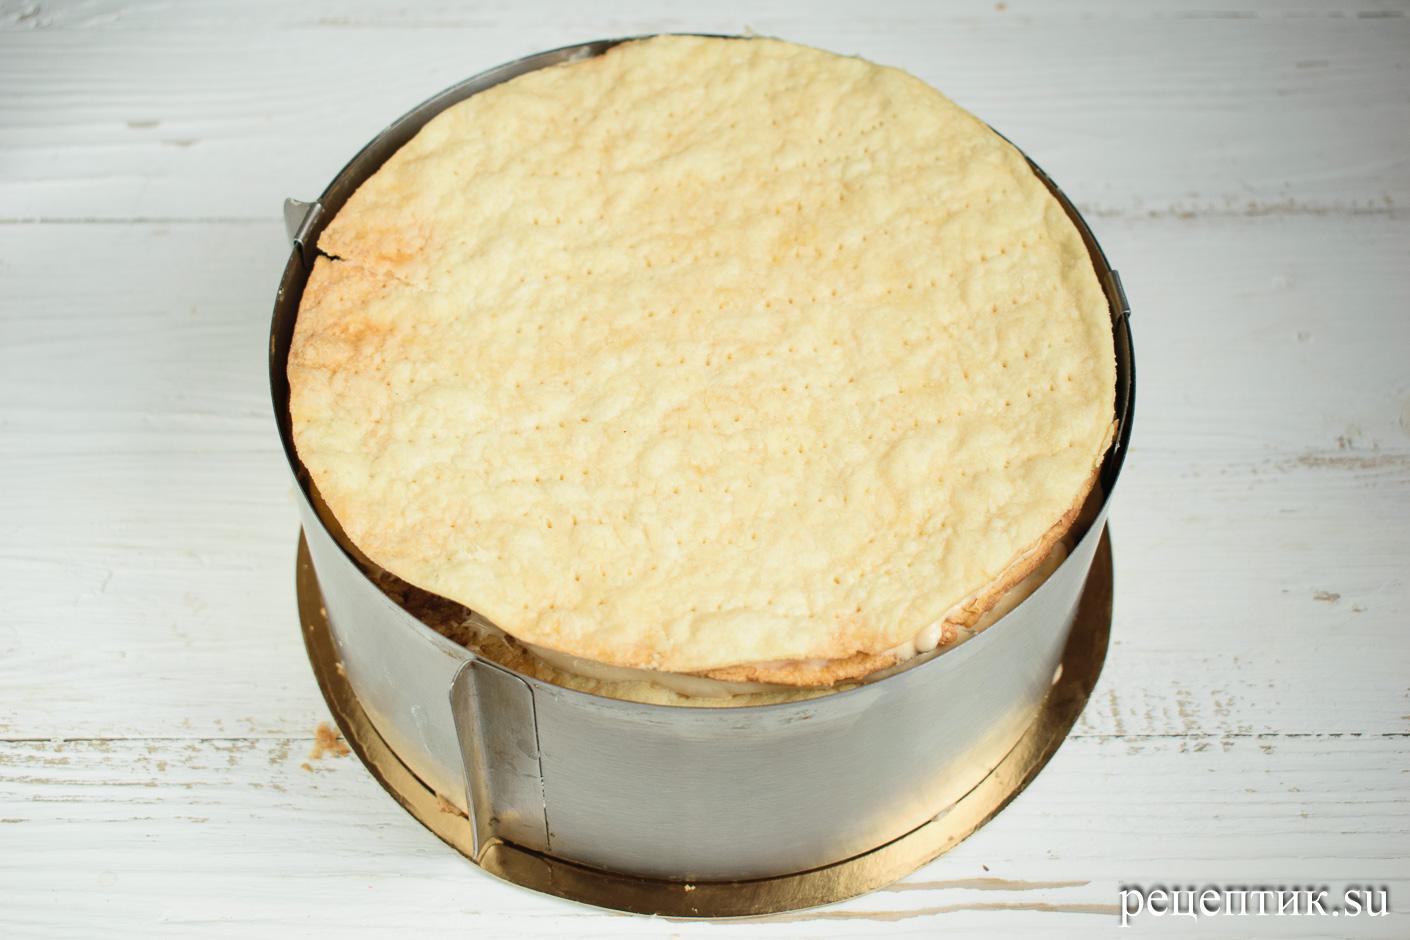 Карамельно-ореховый наполеон со сметанным кремом - рецепт с фото, шаг 24